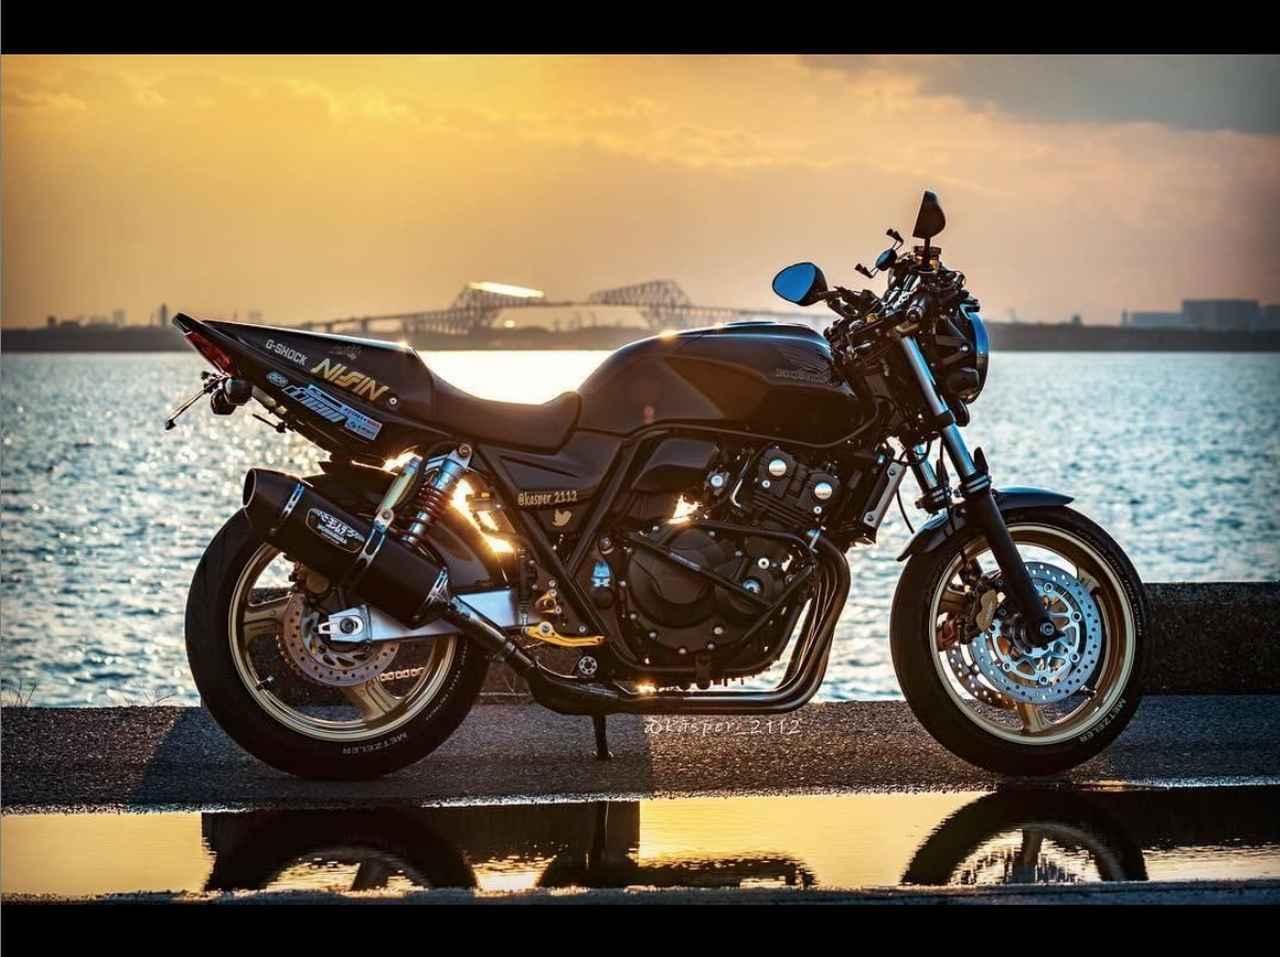 画像: 風を切って季節を感じるのはやっぱりバイク!【リトホンインスタ部vol.52】 - A Little Honda